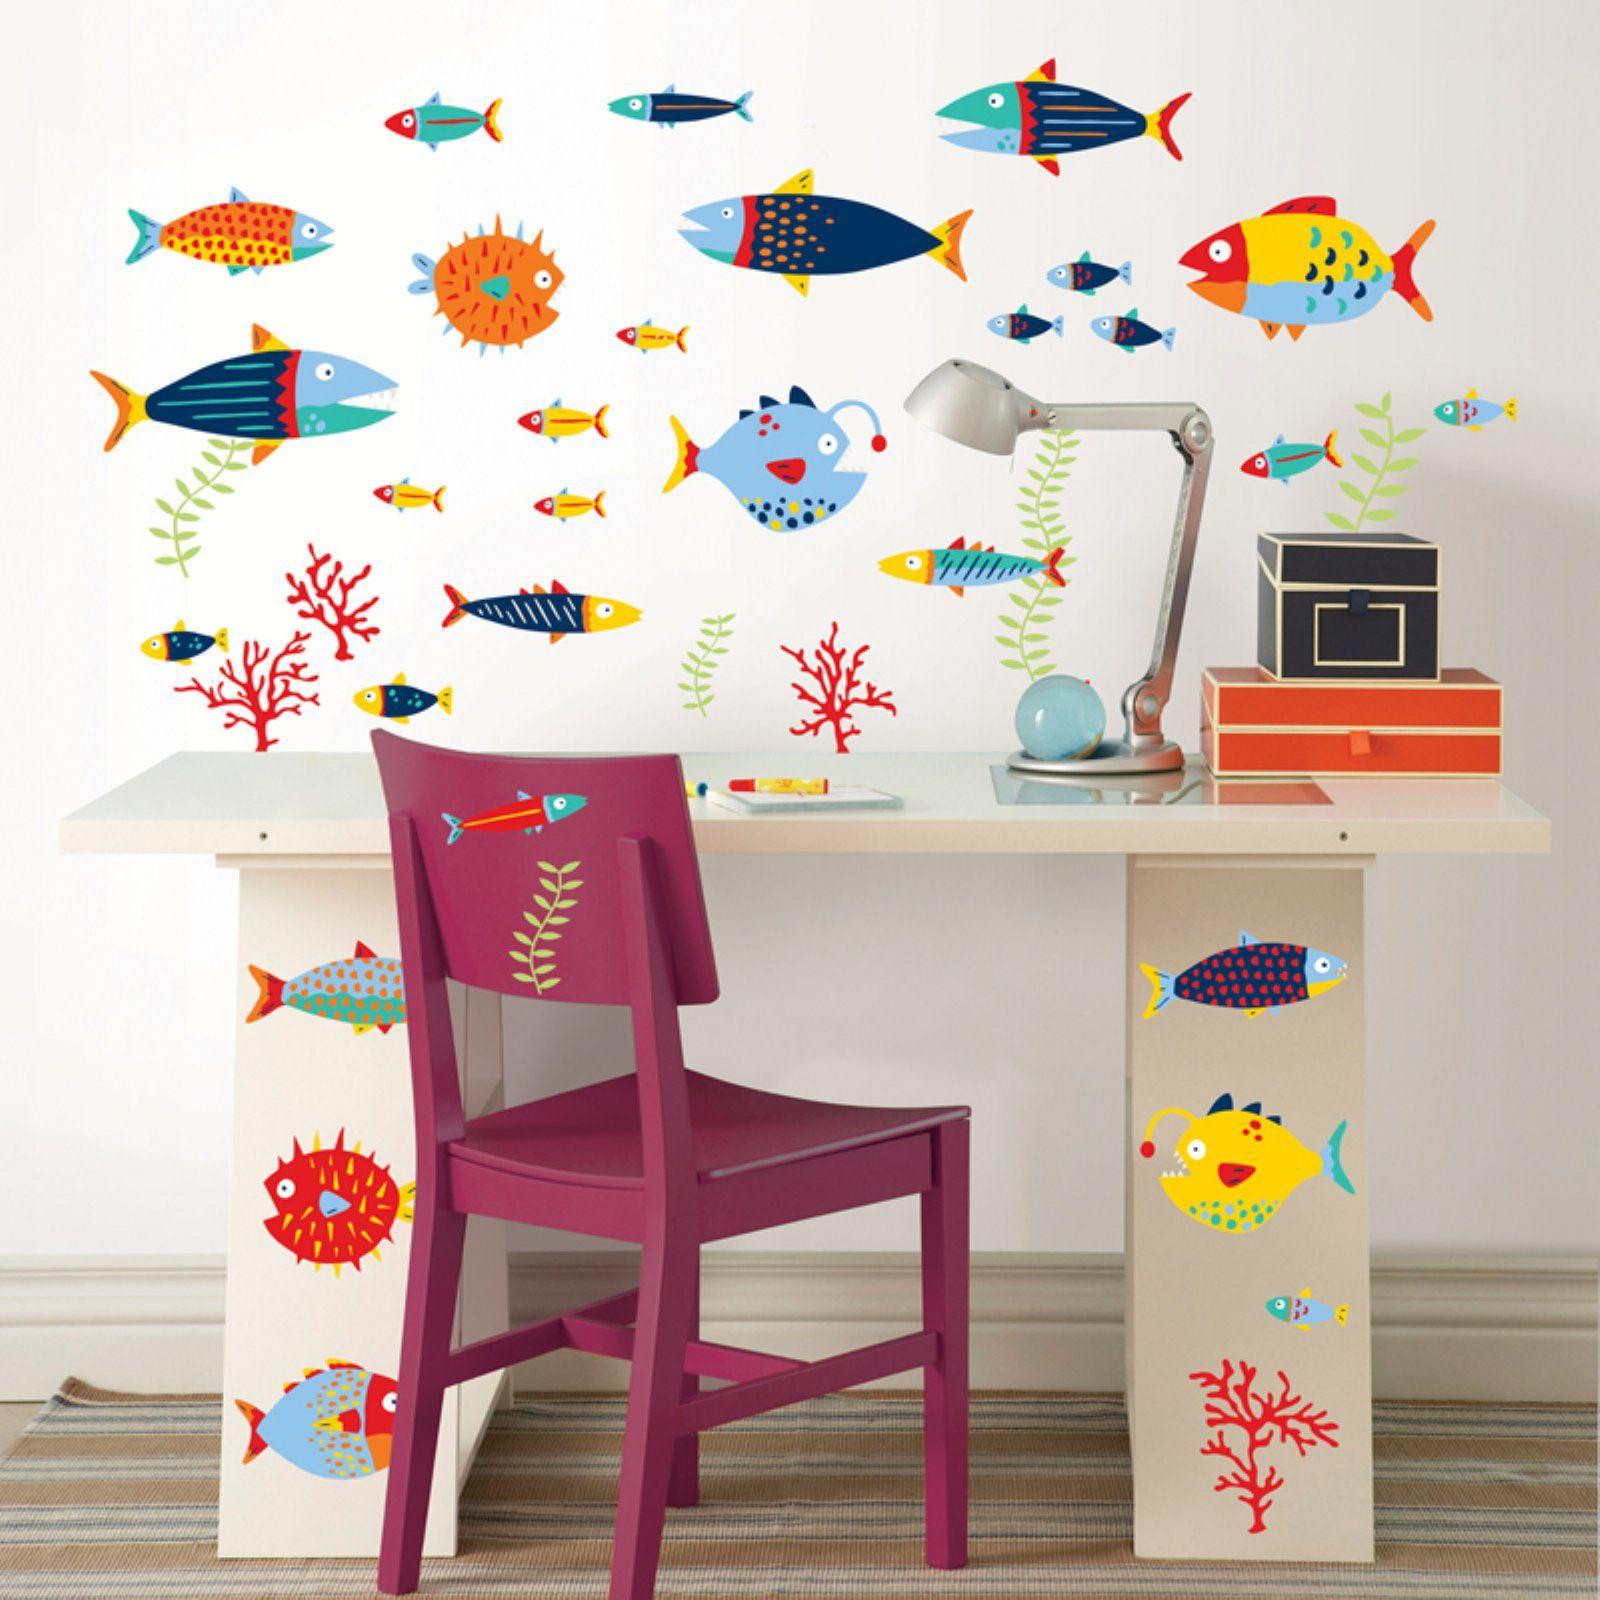 Wall Pops Fish Tales Wall Decal Kit Kids Decor Vinyl Wall